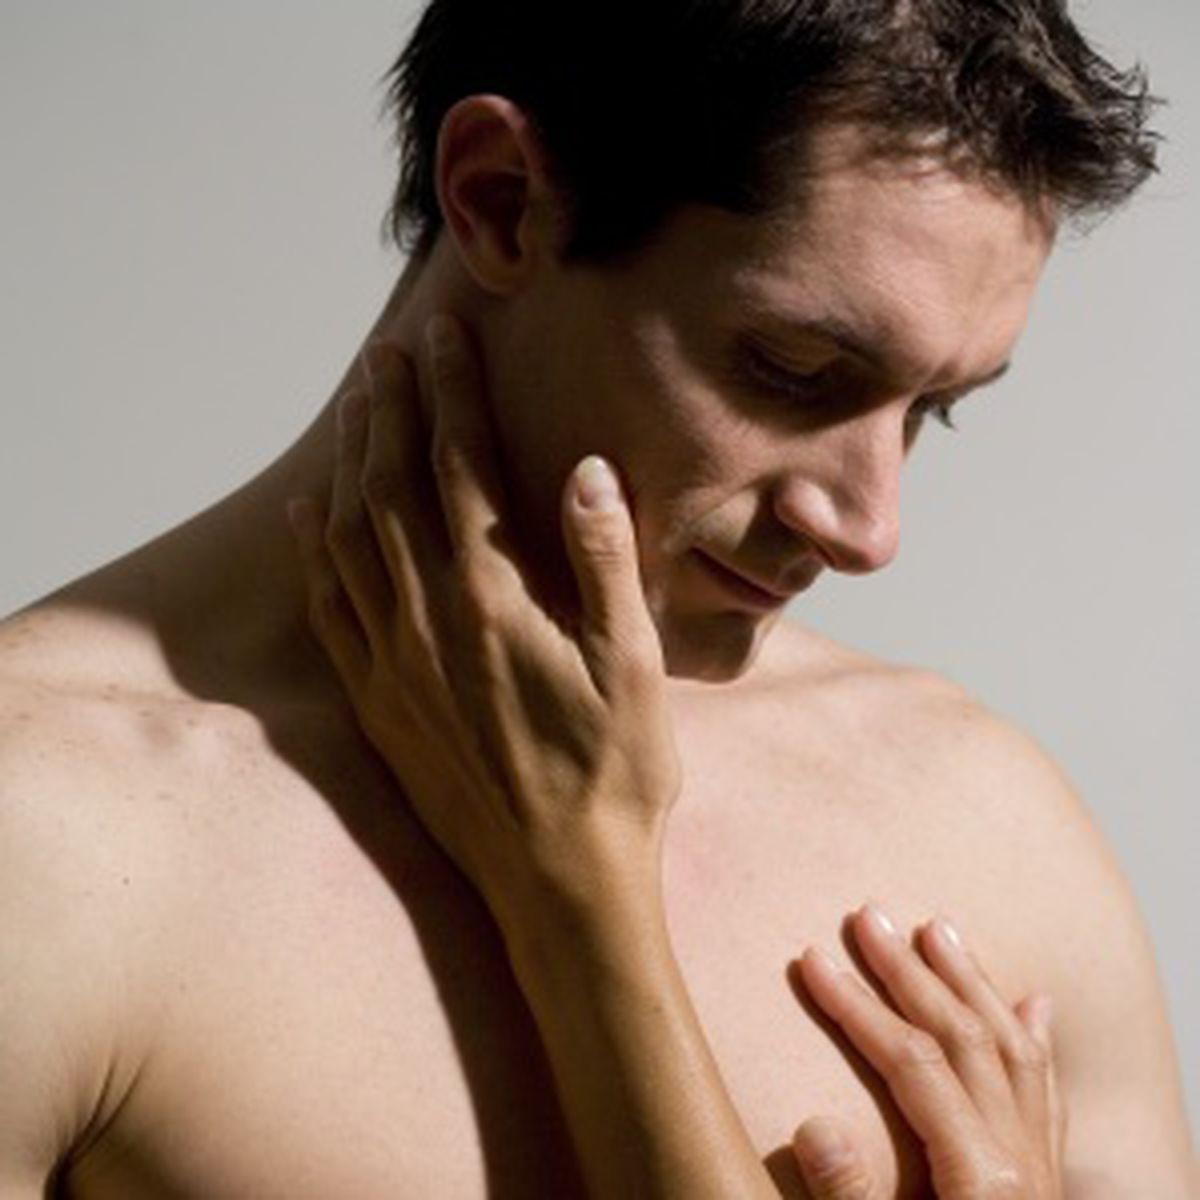 erecția dispare din cauza sensibilității dimineața există o erecție, dar slabă